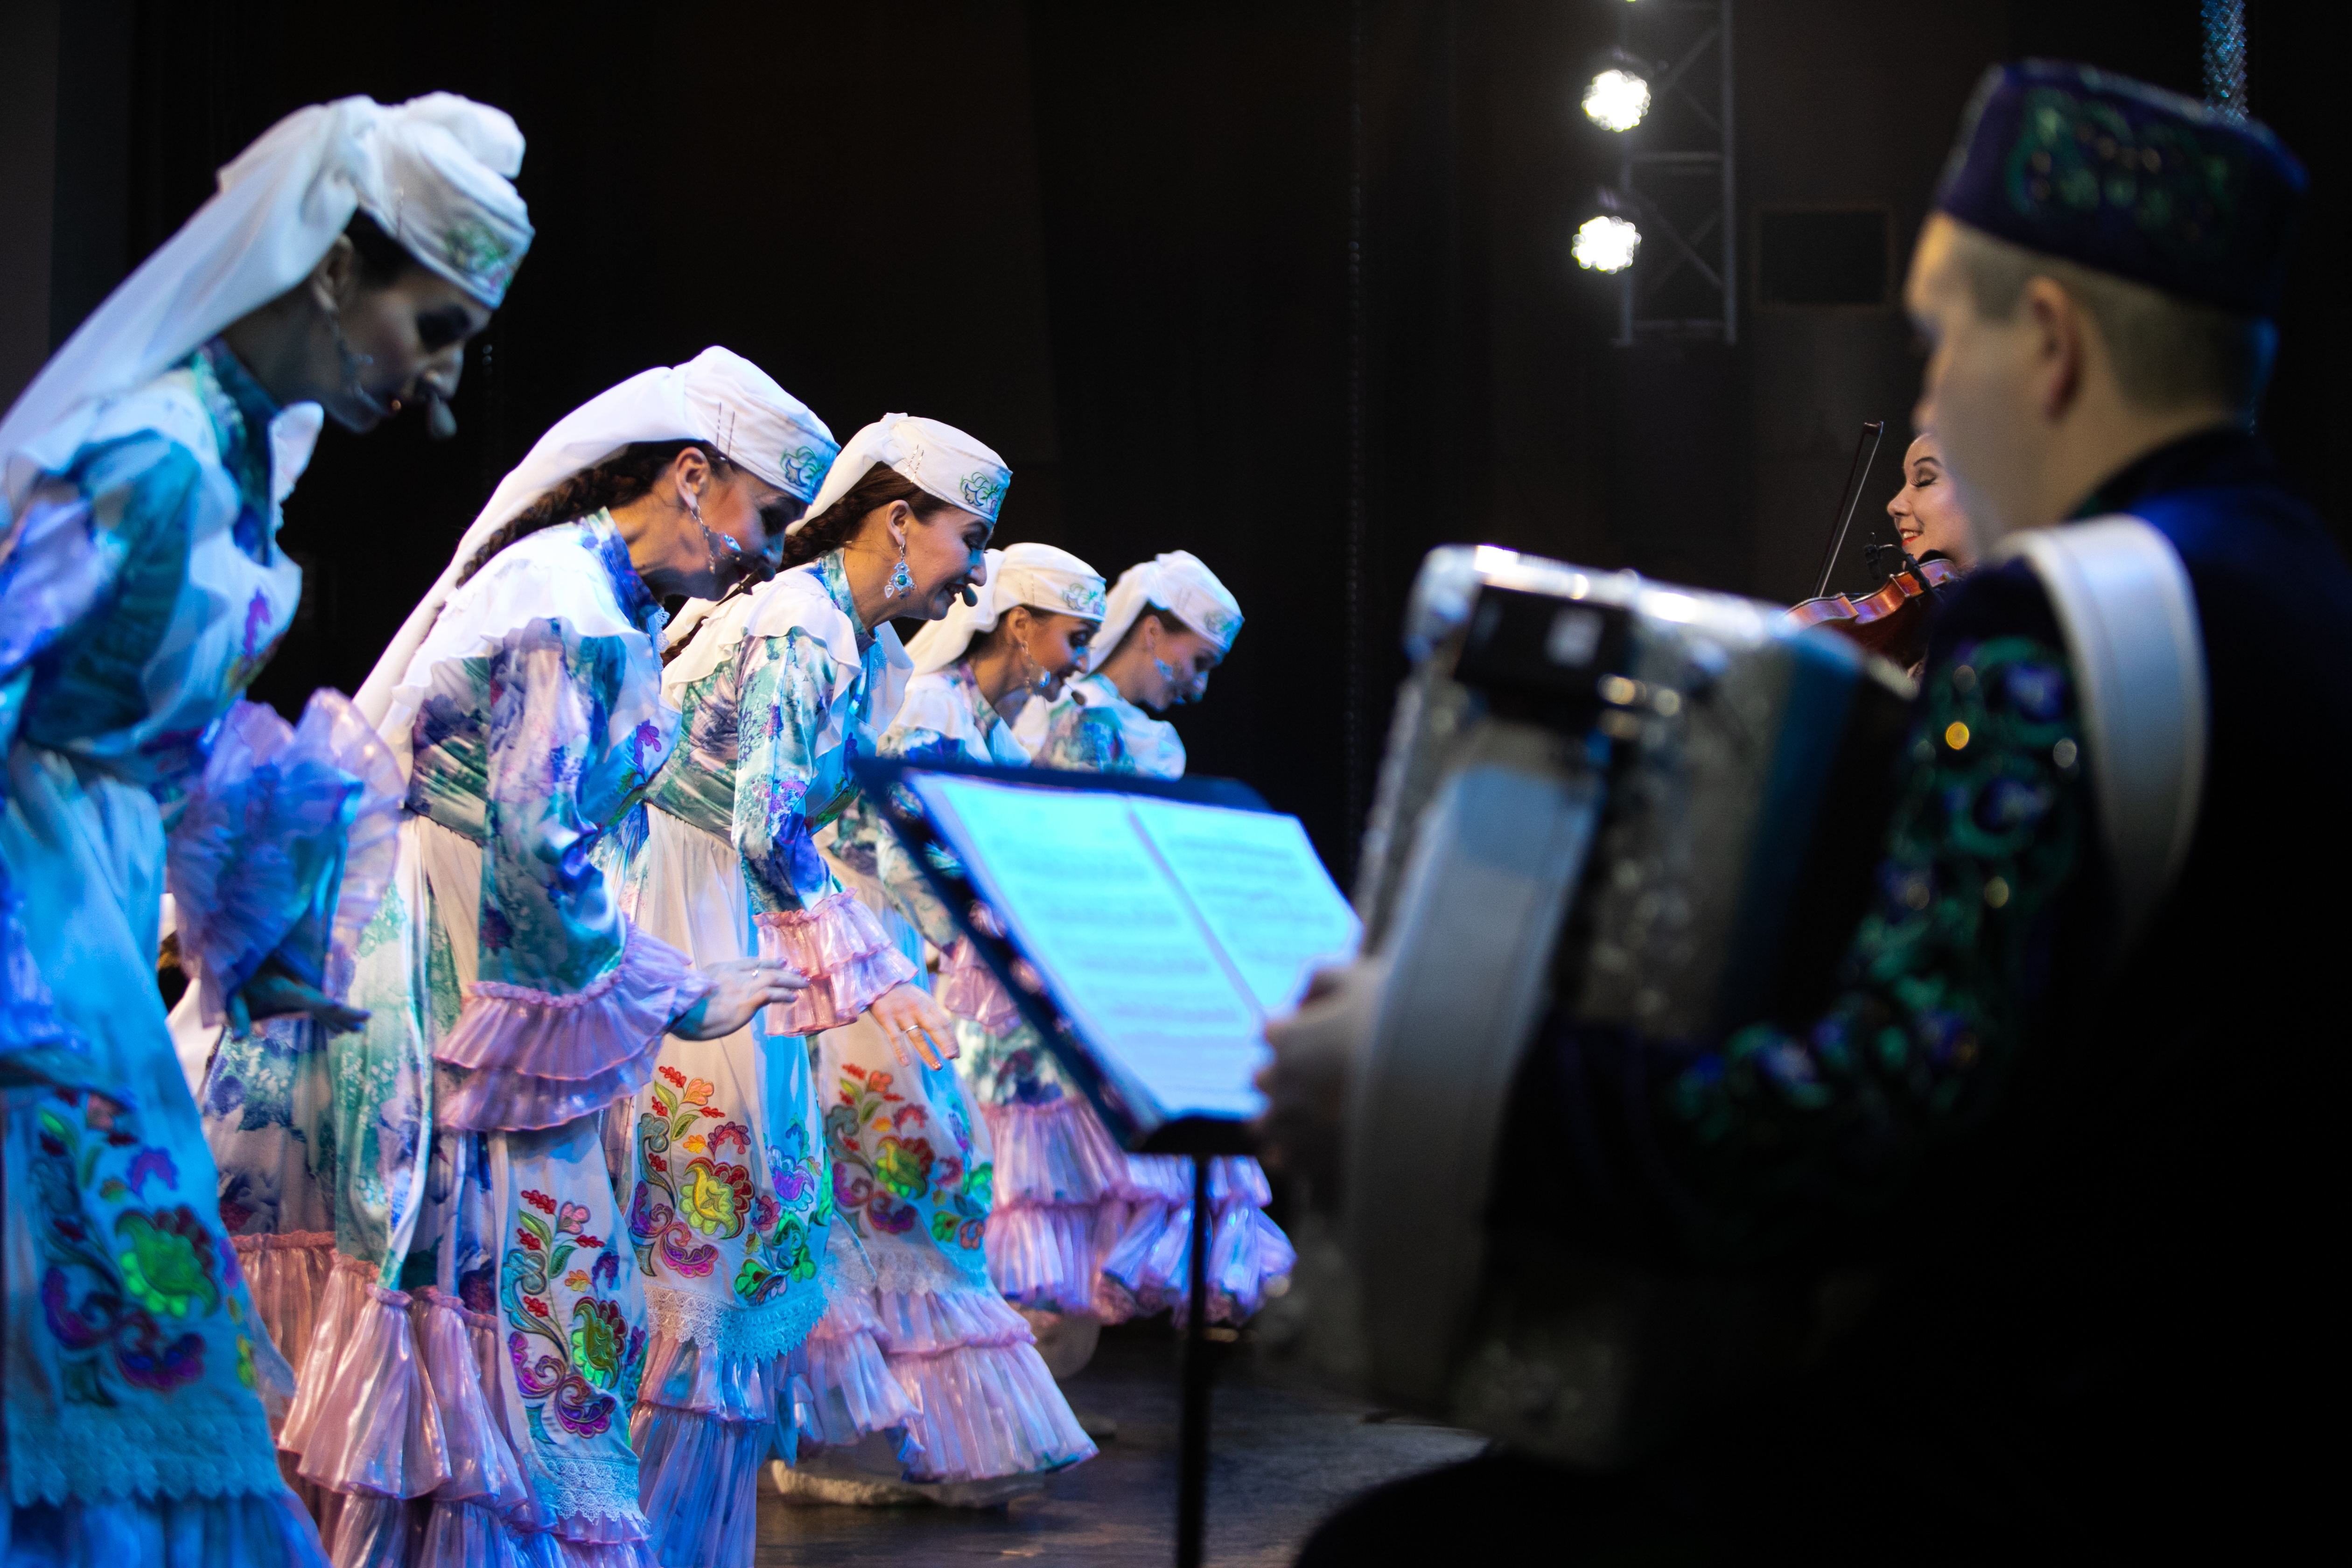 Государственный ансамбль фольклорной музыки Республики Татарстан продолжает уроки музыкального искусства перед школьниками Татарстана